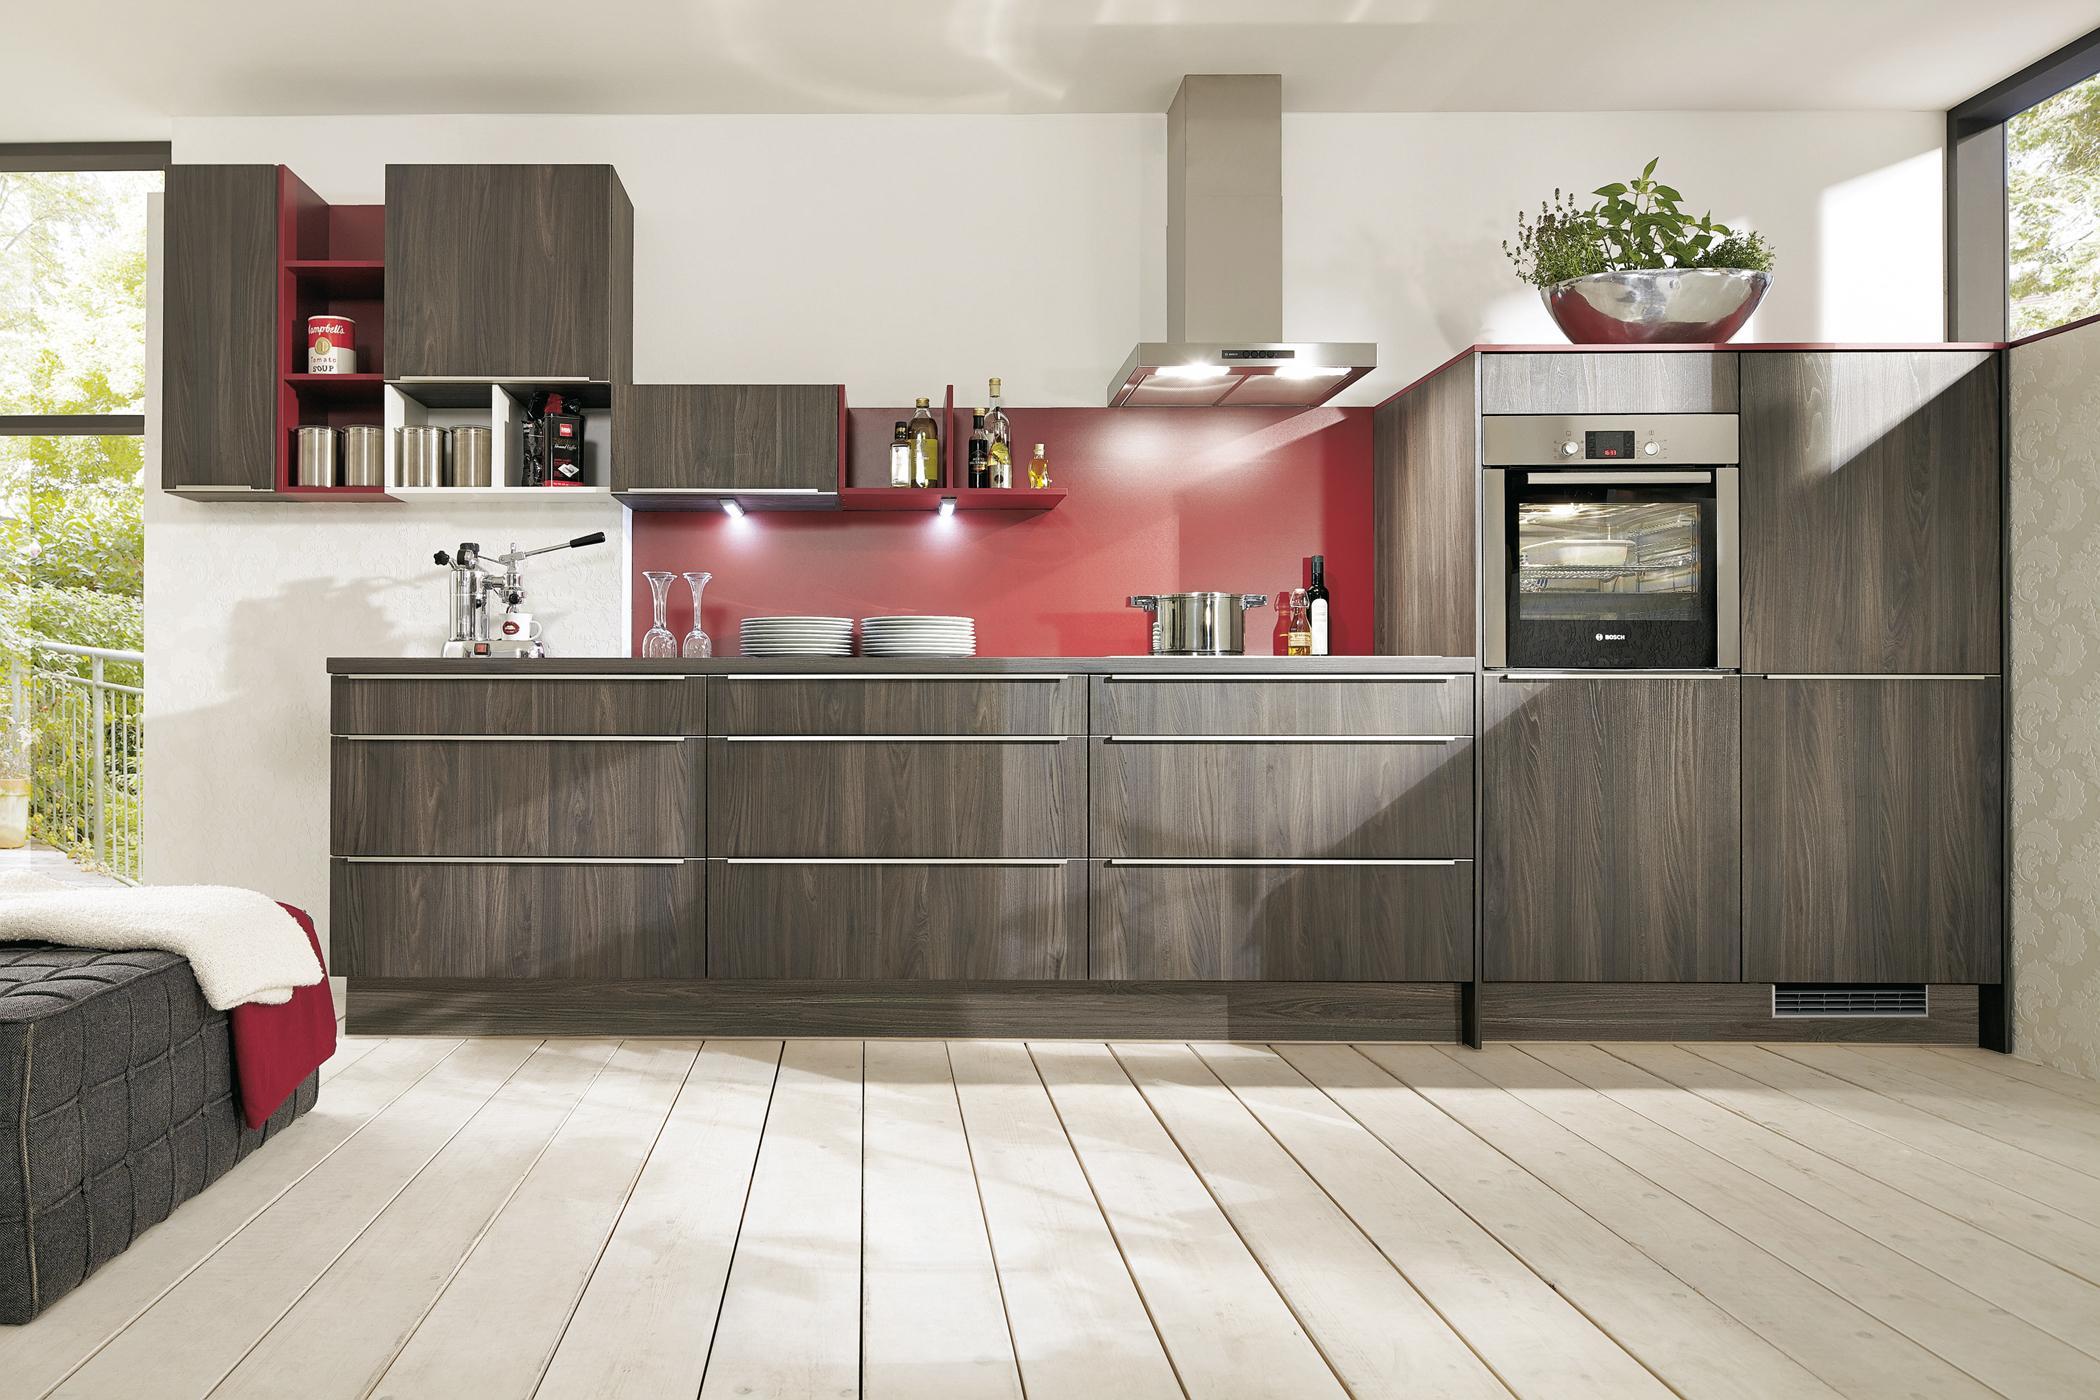 wandschrank ? bilder & ideen ? couchstyle - Holzdielen In Der Küche